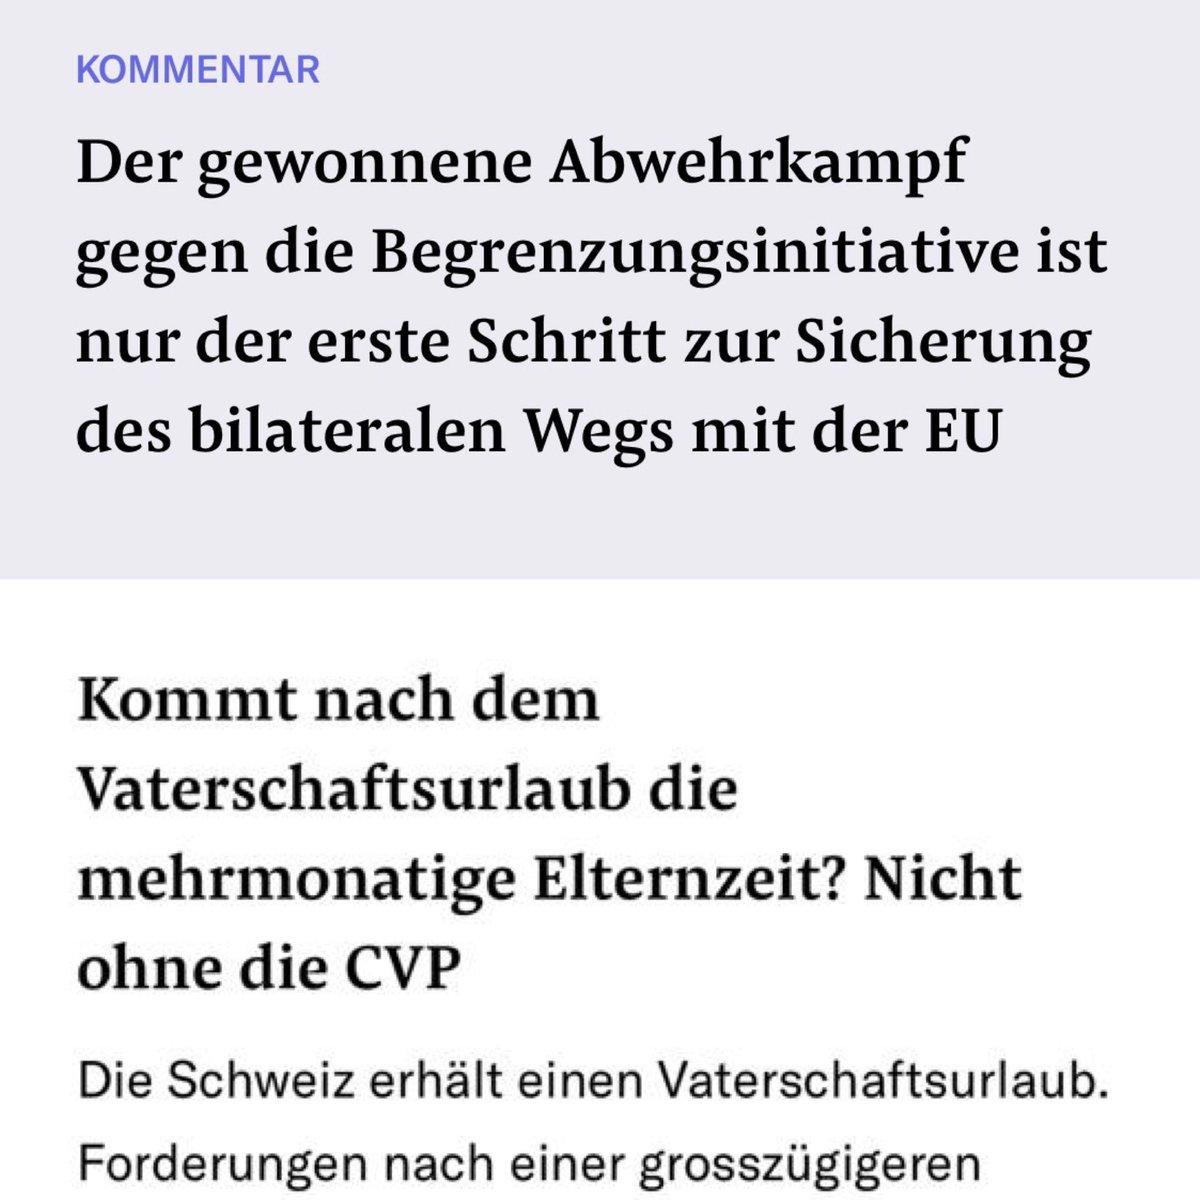 Am Tag 1 nach der Abstimmung über die #Begrenzungsinitiative fallen die Masken.  Nein zum #InstitutionellenAbkommen Nein zum #Anbindungsvertrag #InstaNein #EUNo https://t.co/XdAA72d0ZS